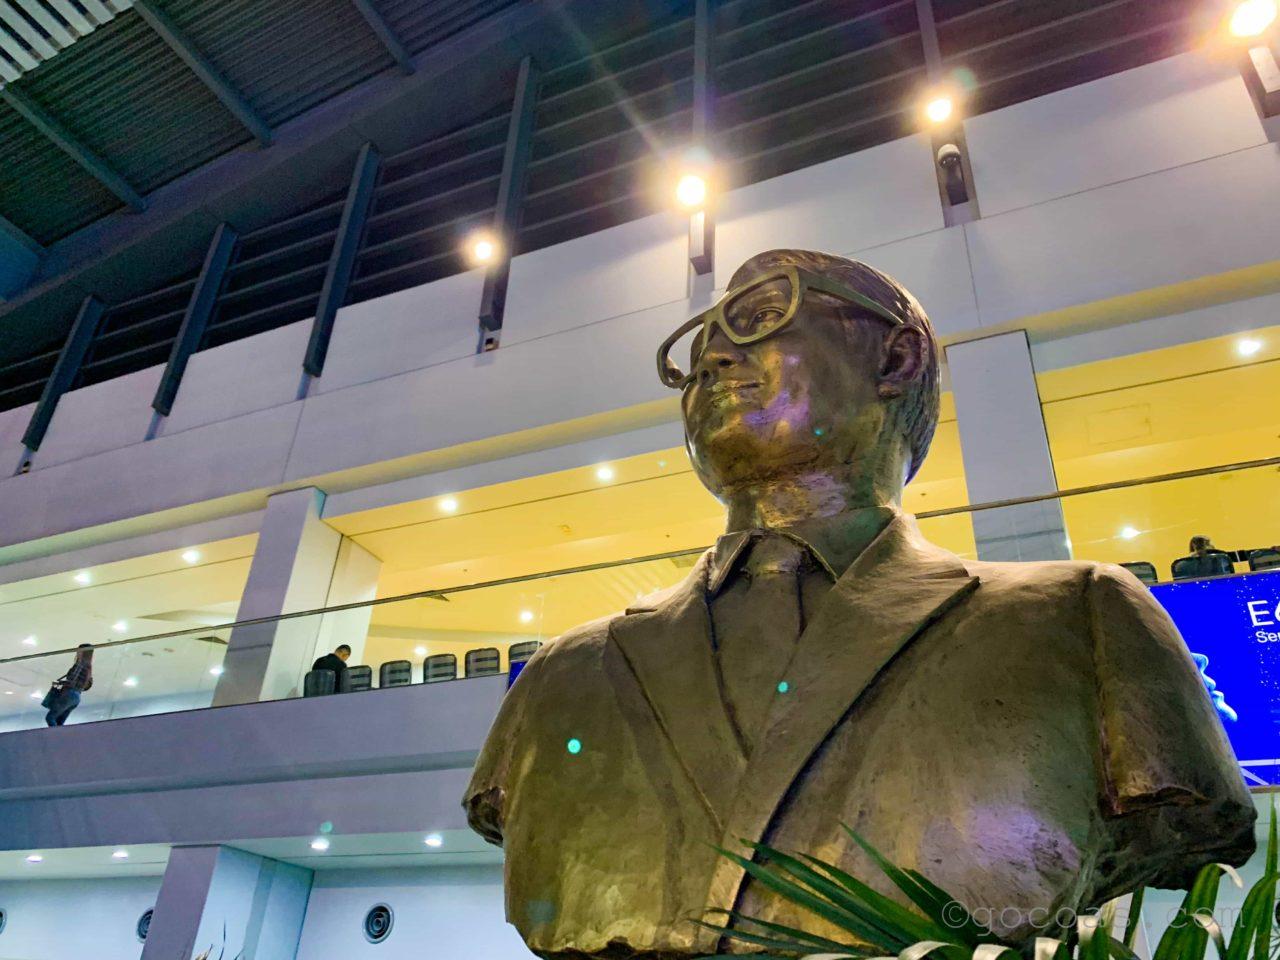 ニノイ・アキノ国際空港(マニラ空港)の銅像